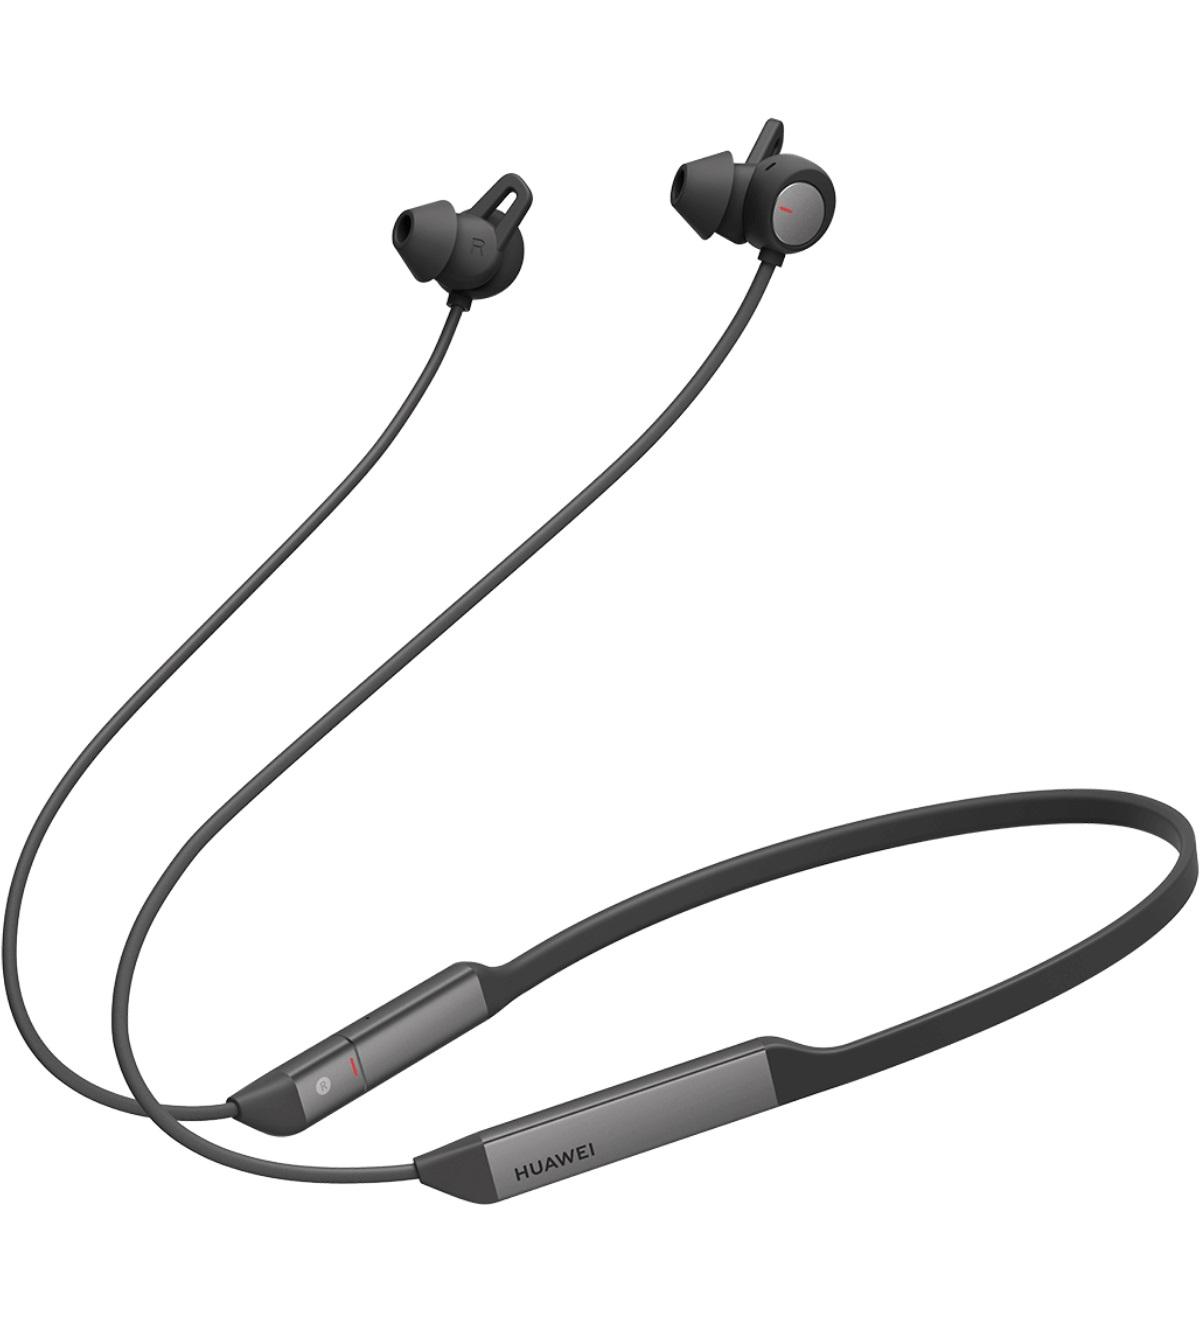 słuchawki Huawei FreeLace Pro wireless earphones